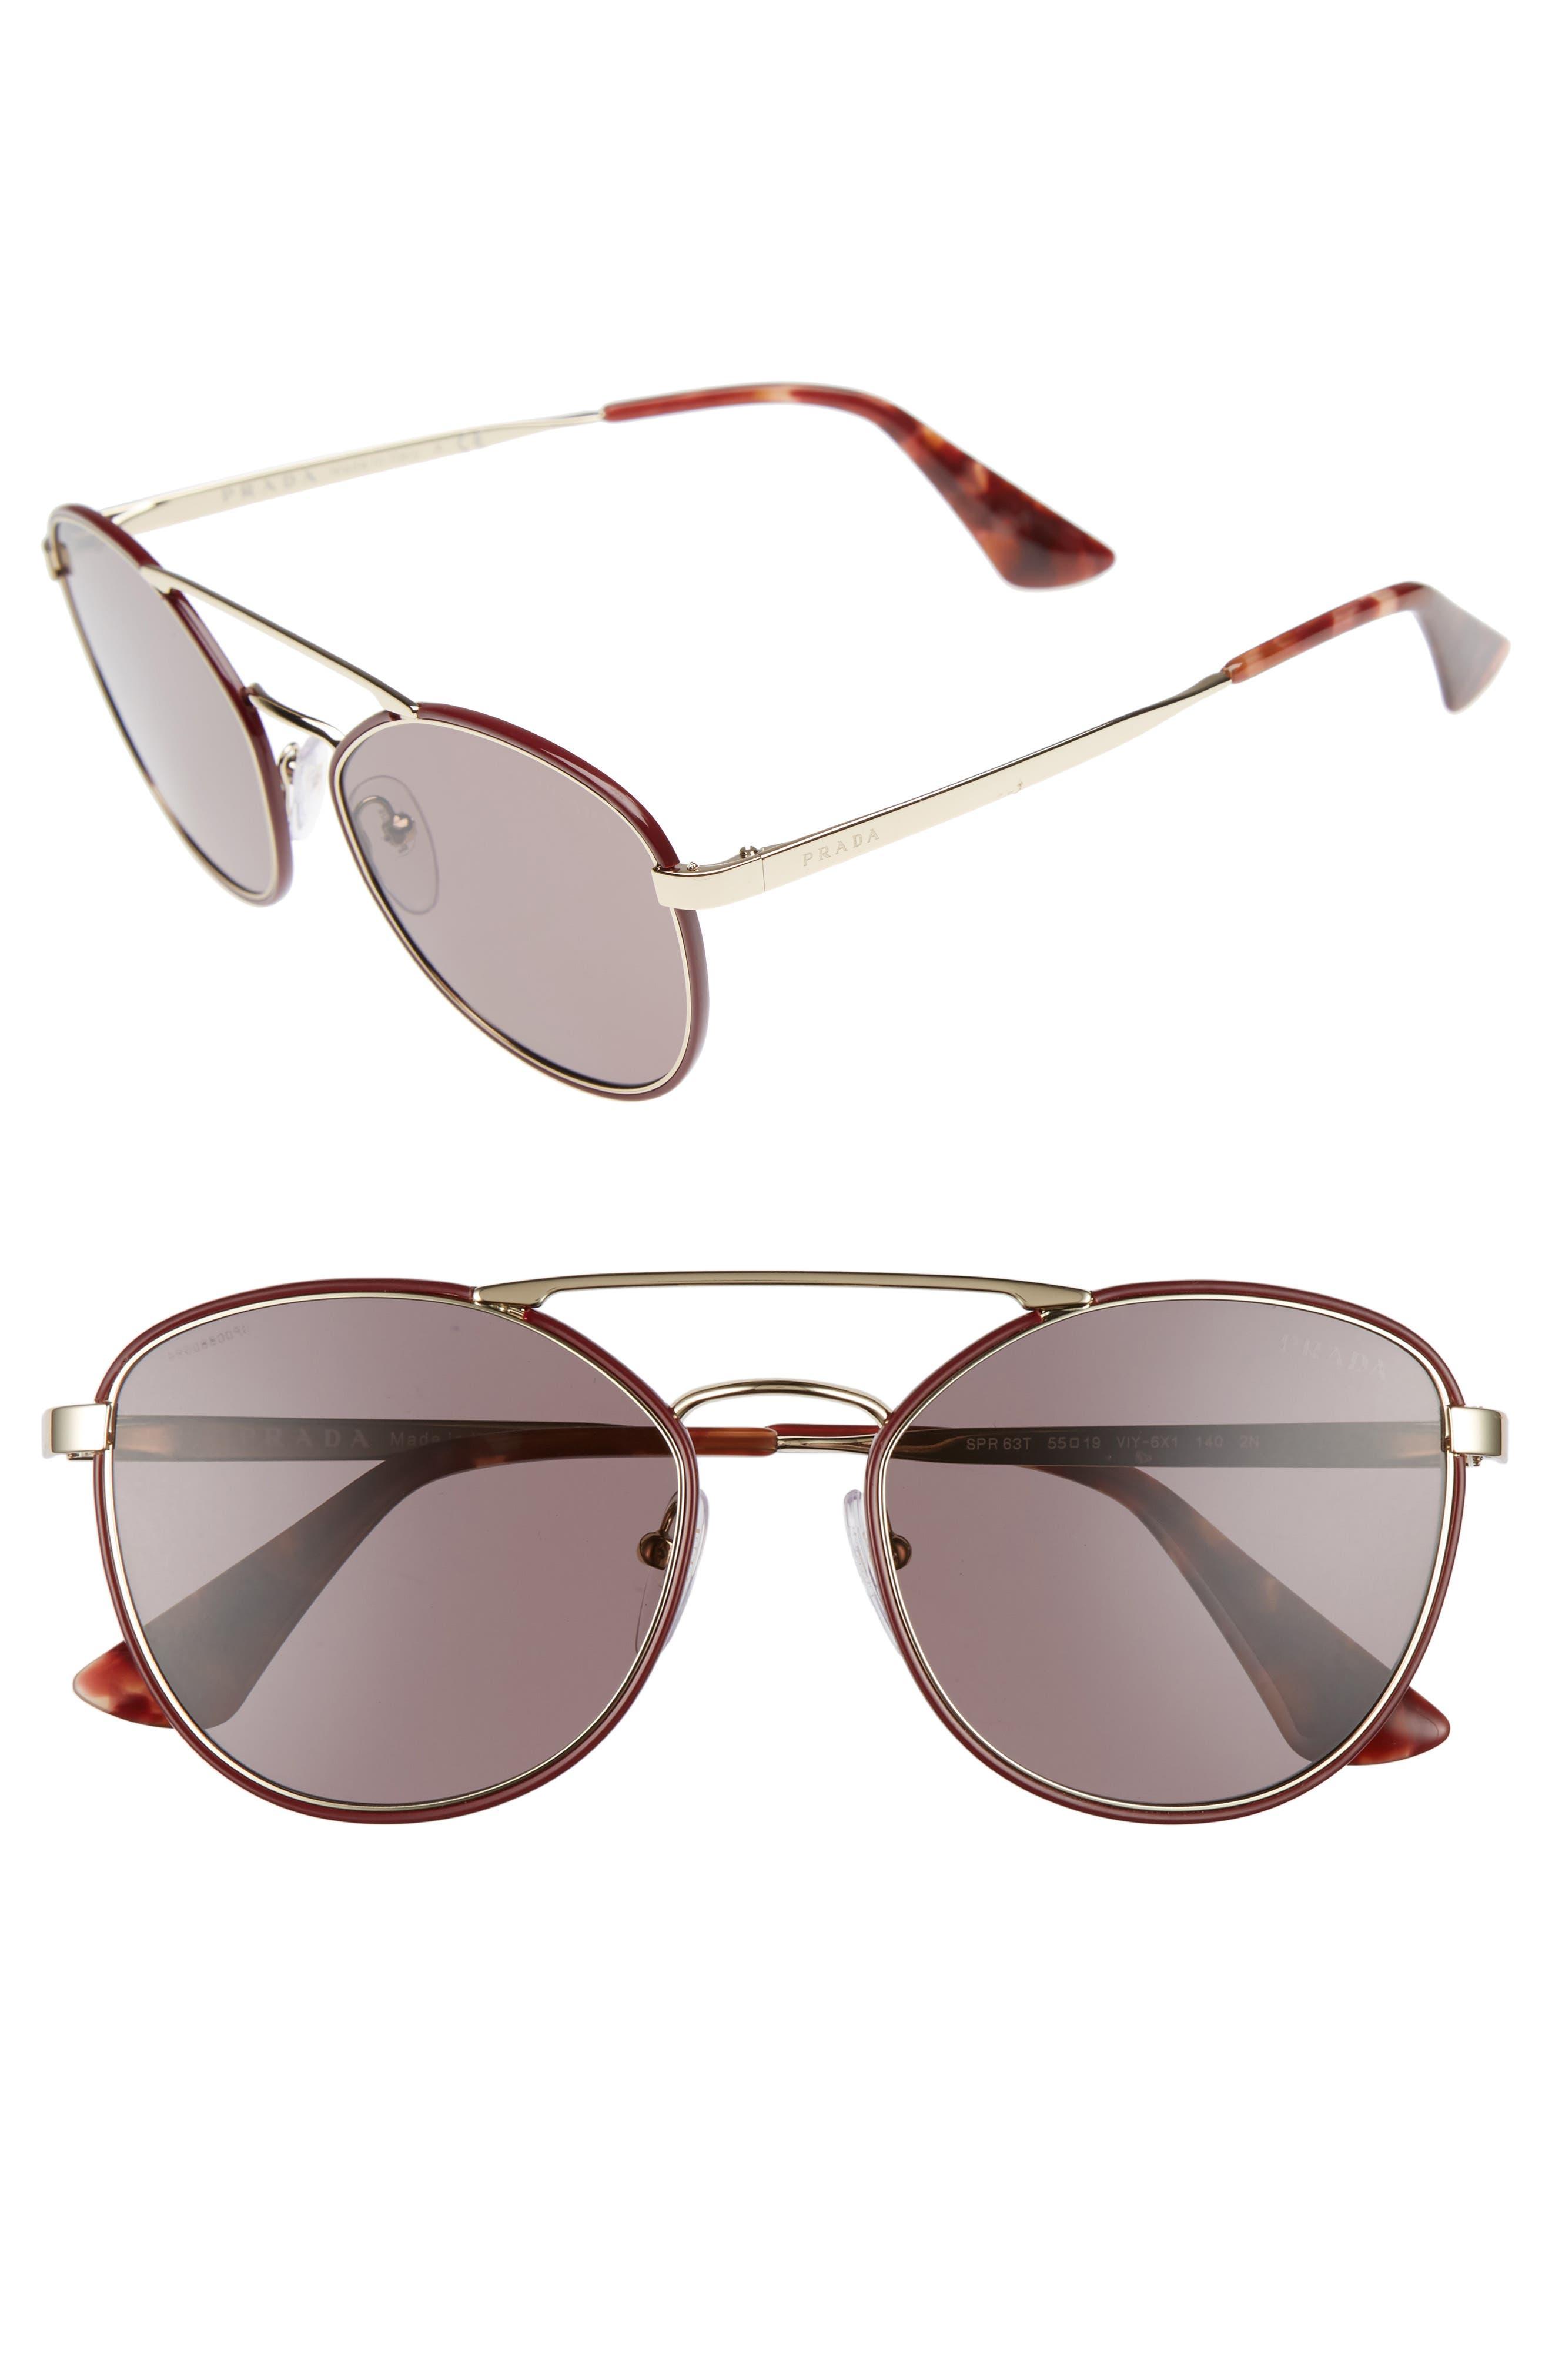 Alternate Image 1 Selected - Prada 55mm Metal Aviator Sunglasses